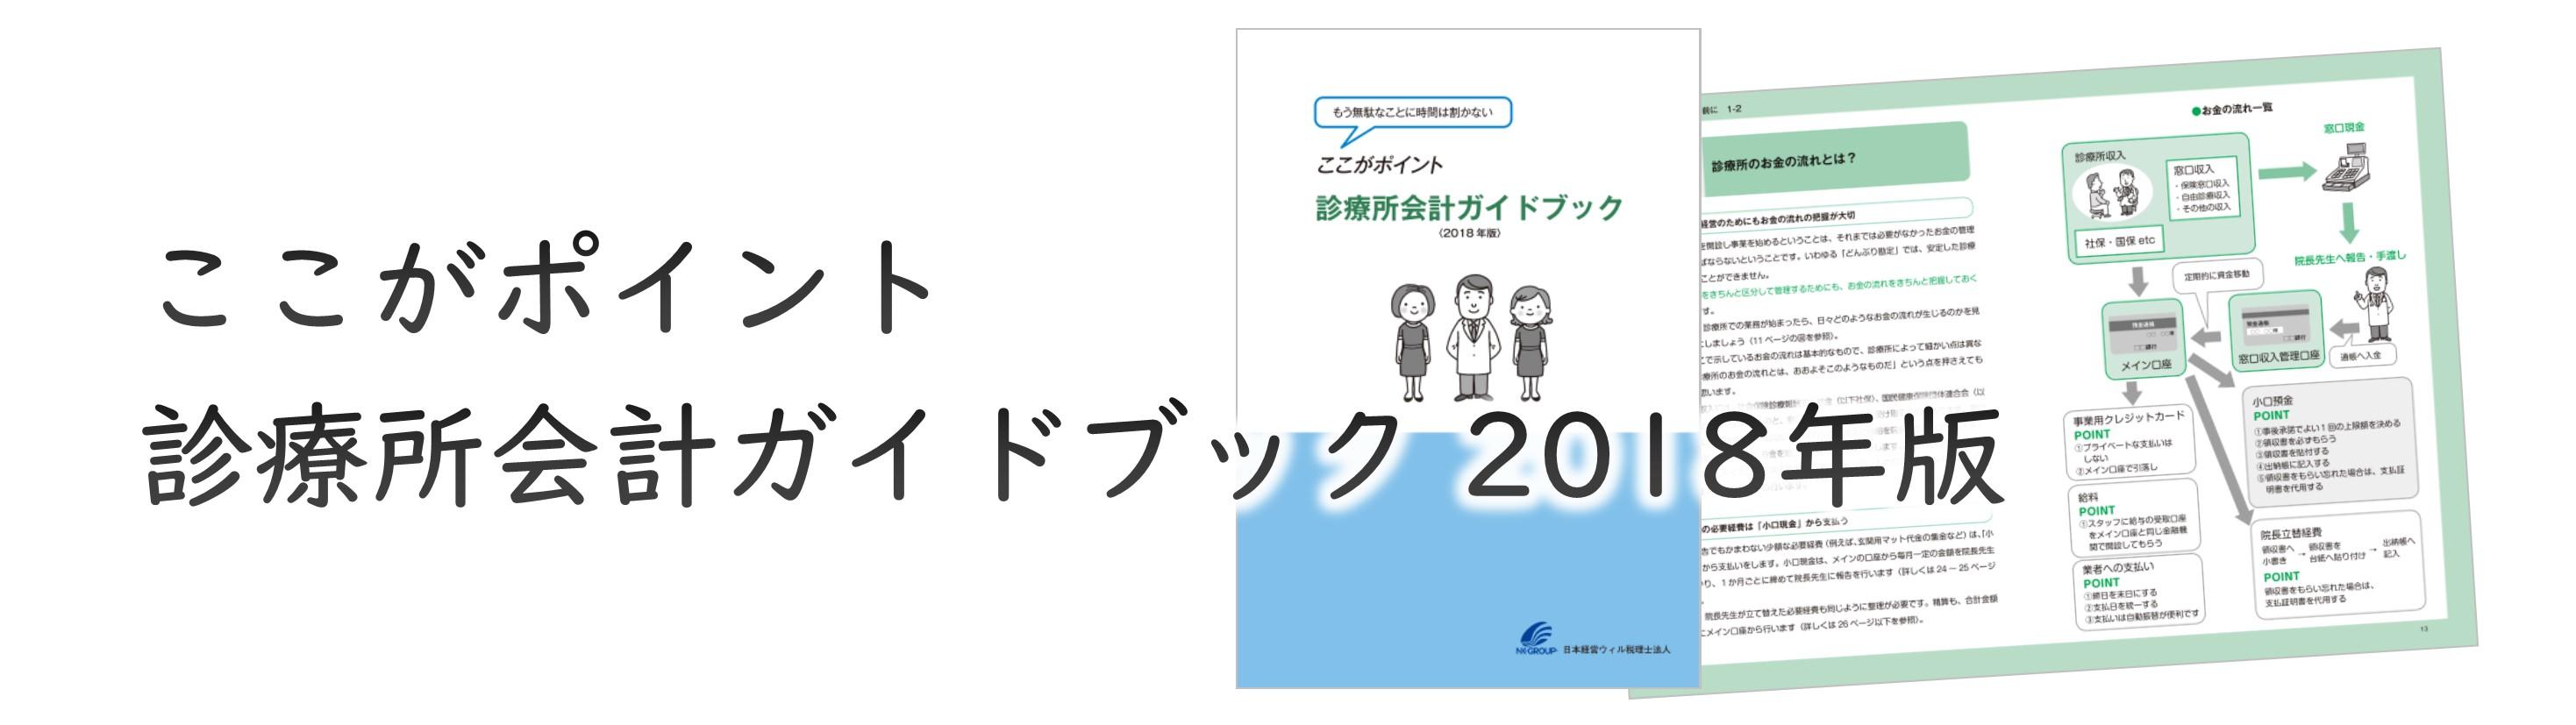 20181206.jpg